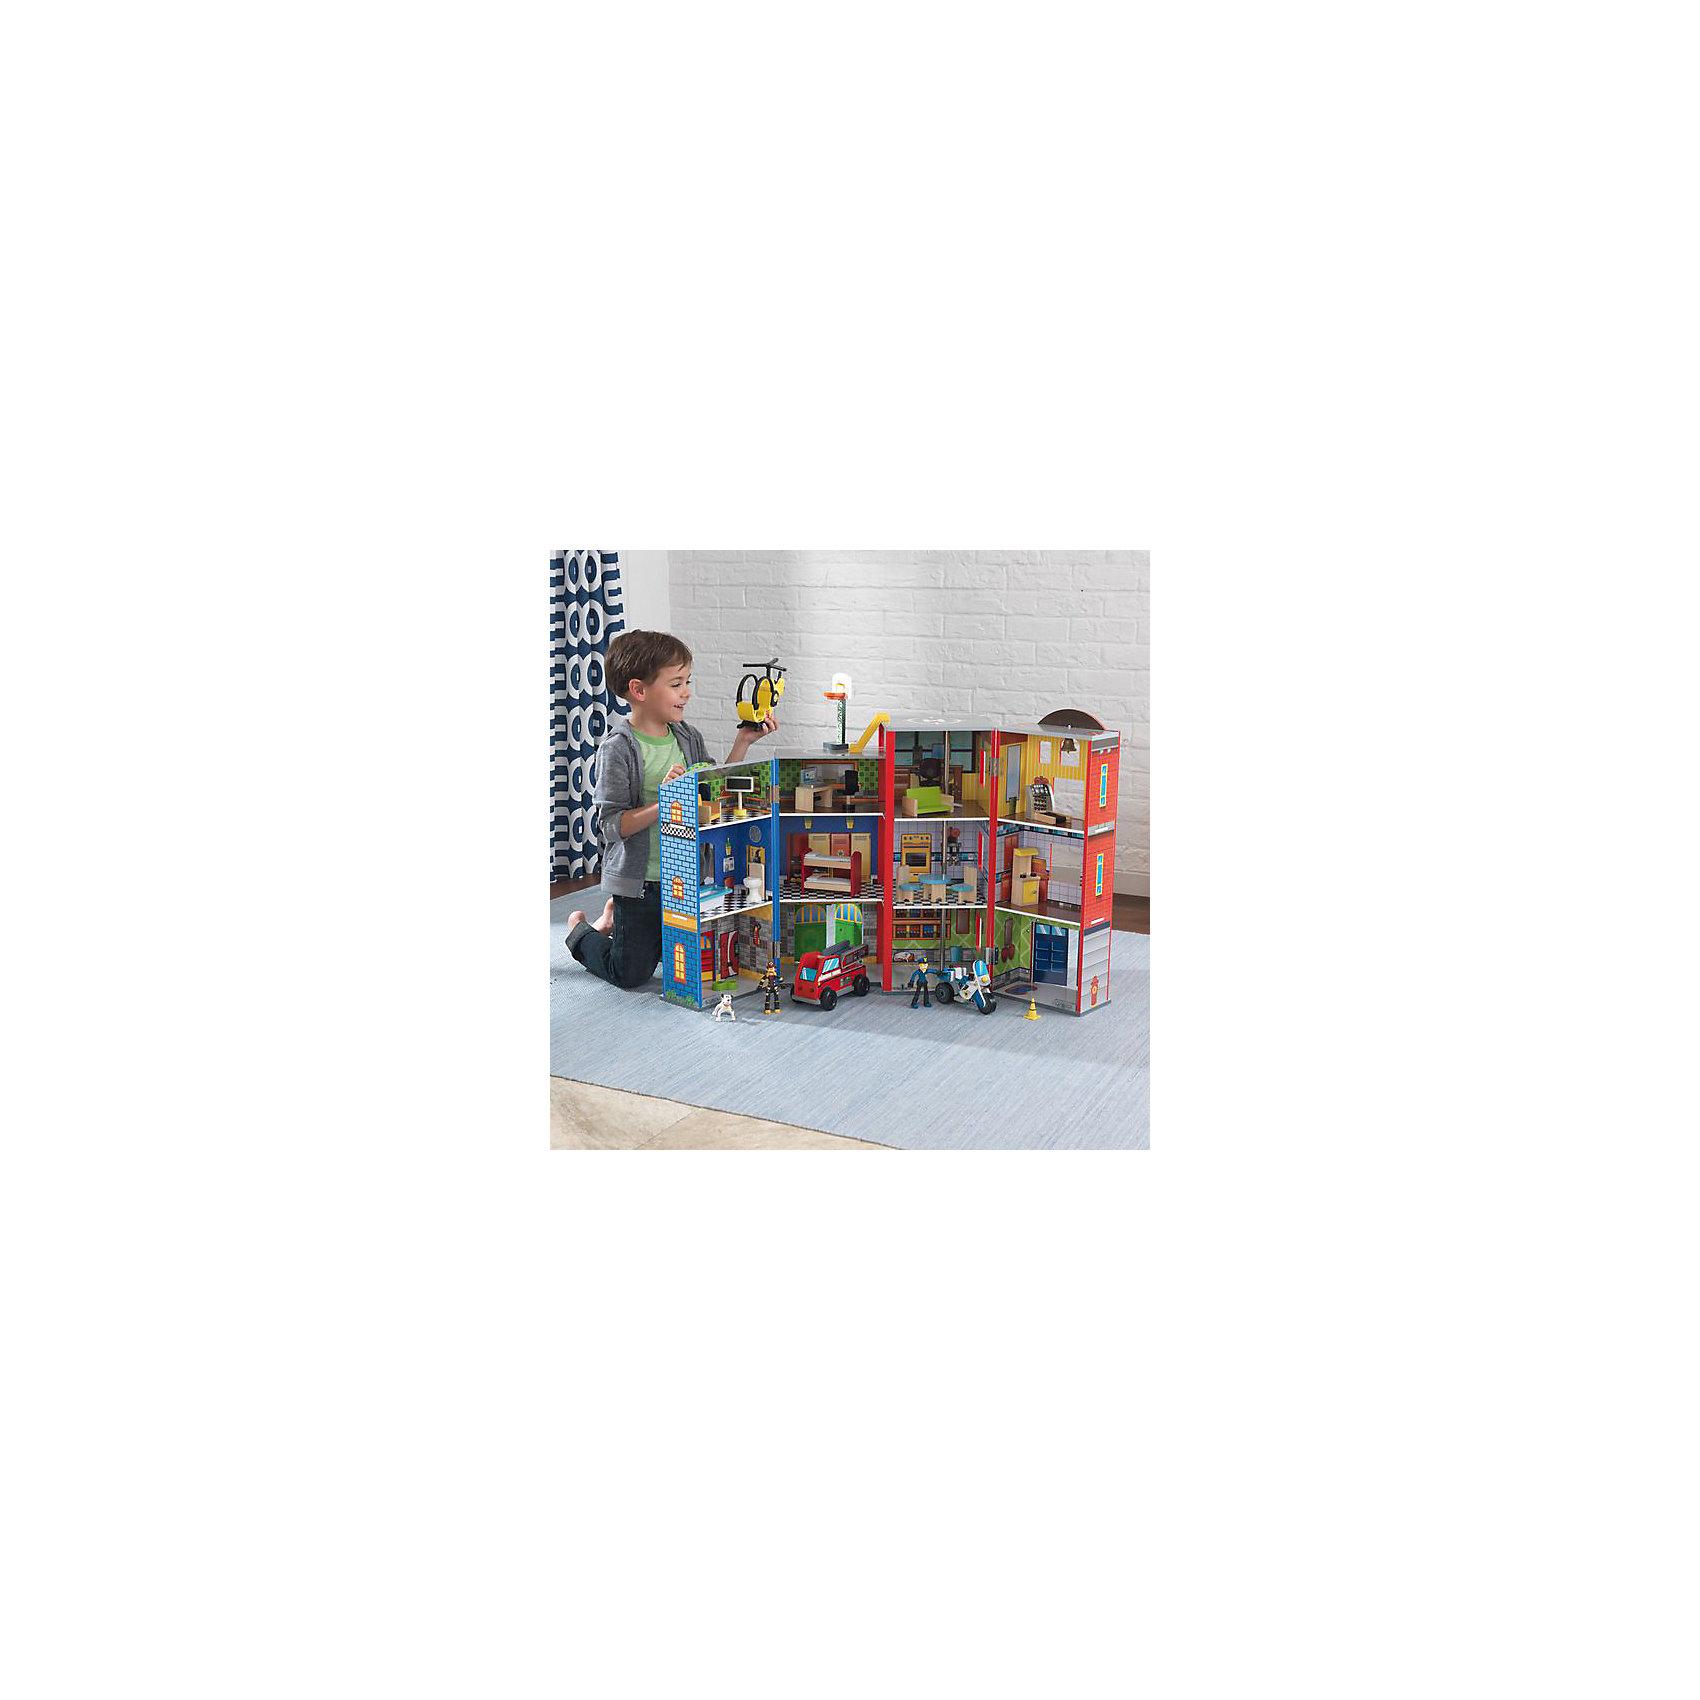 Игровой набор Здание спасательной службы, 28 эл., KidKraftИгровой набор Здание спасательной службы, KidKraft (КидКрафт).<br><br>Характеристики:<br>? Материал: дерево, МДФ, пластик, текстиль.<br>? Цвет: разноцветный.<br>? 3 этажа, 12 служебных помещений.<br>? 28 игровых элементов.<br>? Конструкция частично открытая (задняя стенка глухая, лицевая часть полностью открыта).<br>? Конструкция продается в разобранном виде. Инструкция по сборке входит в комплект.<br>? Размер игрушки в собранном виде - 54х33х30 см.<br>? Размер упаковки - 59х35х8 см.<br>? Вес: 5 кг.<br>В комплект входит: <br>- здание; <br>- мебель; <br>- собака; <br>- машина; <br>- вертолет; <br>- мотоцикл. <br><br>Игровой набор «Здание спасательной службы», KidKraft (КидКрафт) – это набор для увлекательной сюжетно- ролевой игры. Основная конструкция здания изготовлена из дерева с деталями из текстиля и прочного нетоксичного пластика. Здание состоит из трех этажей, на которых расположены 12 служебных помещений. Крыша оборудована вертолетной площадкой. Спасательная техника состоит из: мотоцикла полицейского, машины спасателей и вертолета для трудно доступной местности. Комплект дополнен мини-фигурками 2 спасателей и 2 собак.<br>С Игровым набором «Здание спасательной службы», KidKraft (КидКрафт) ваш мальчик попробует себя в роли спасателя, который выполняет трудные задания и приходит на помощь! <br><br>Игровой набор «Здание спасательной службы», KidKraft (КидКрафт), можно купить в нашем интернет – магазине.<br><br>Ширина мм: 740<br>Глубина мм: 470<br>Высота мм: 150<br>Вес г: 12900<br>Возраст от месяцев: 36<br>Возраст до месяцев: 120<br>Пол: Женский<br>Возраст: Детский<br>SKU: 5069795